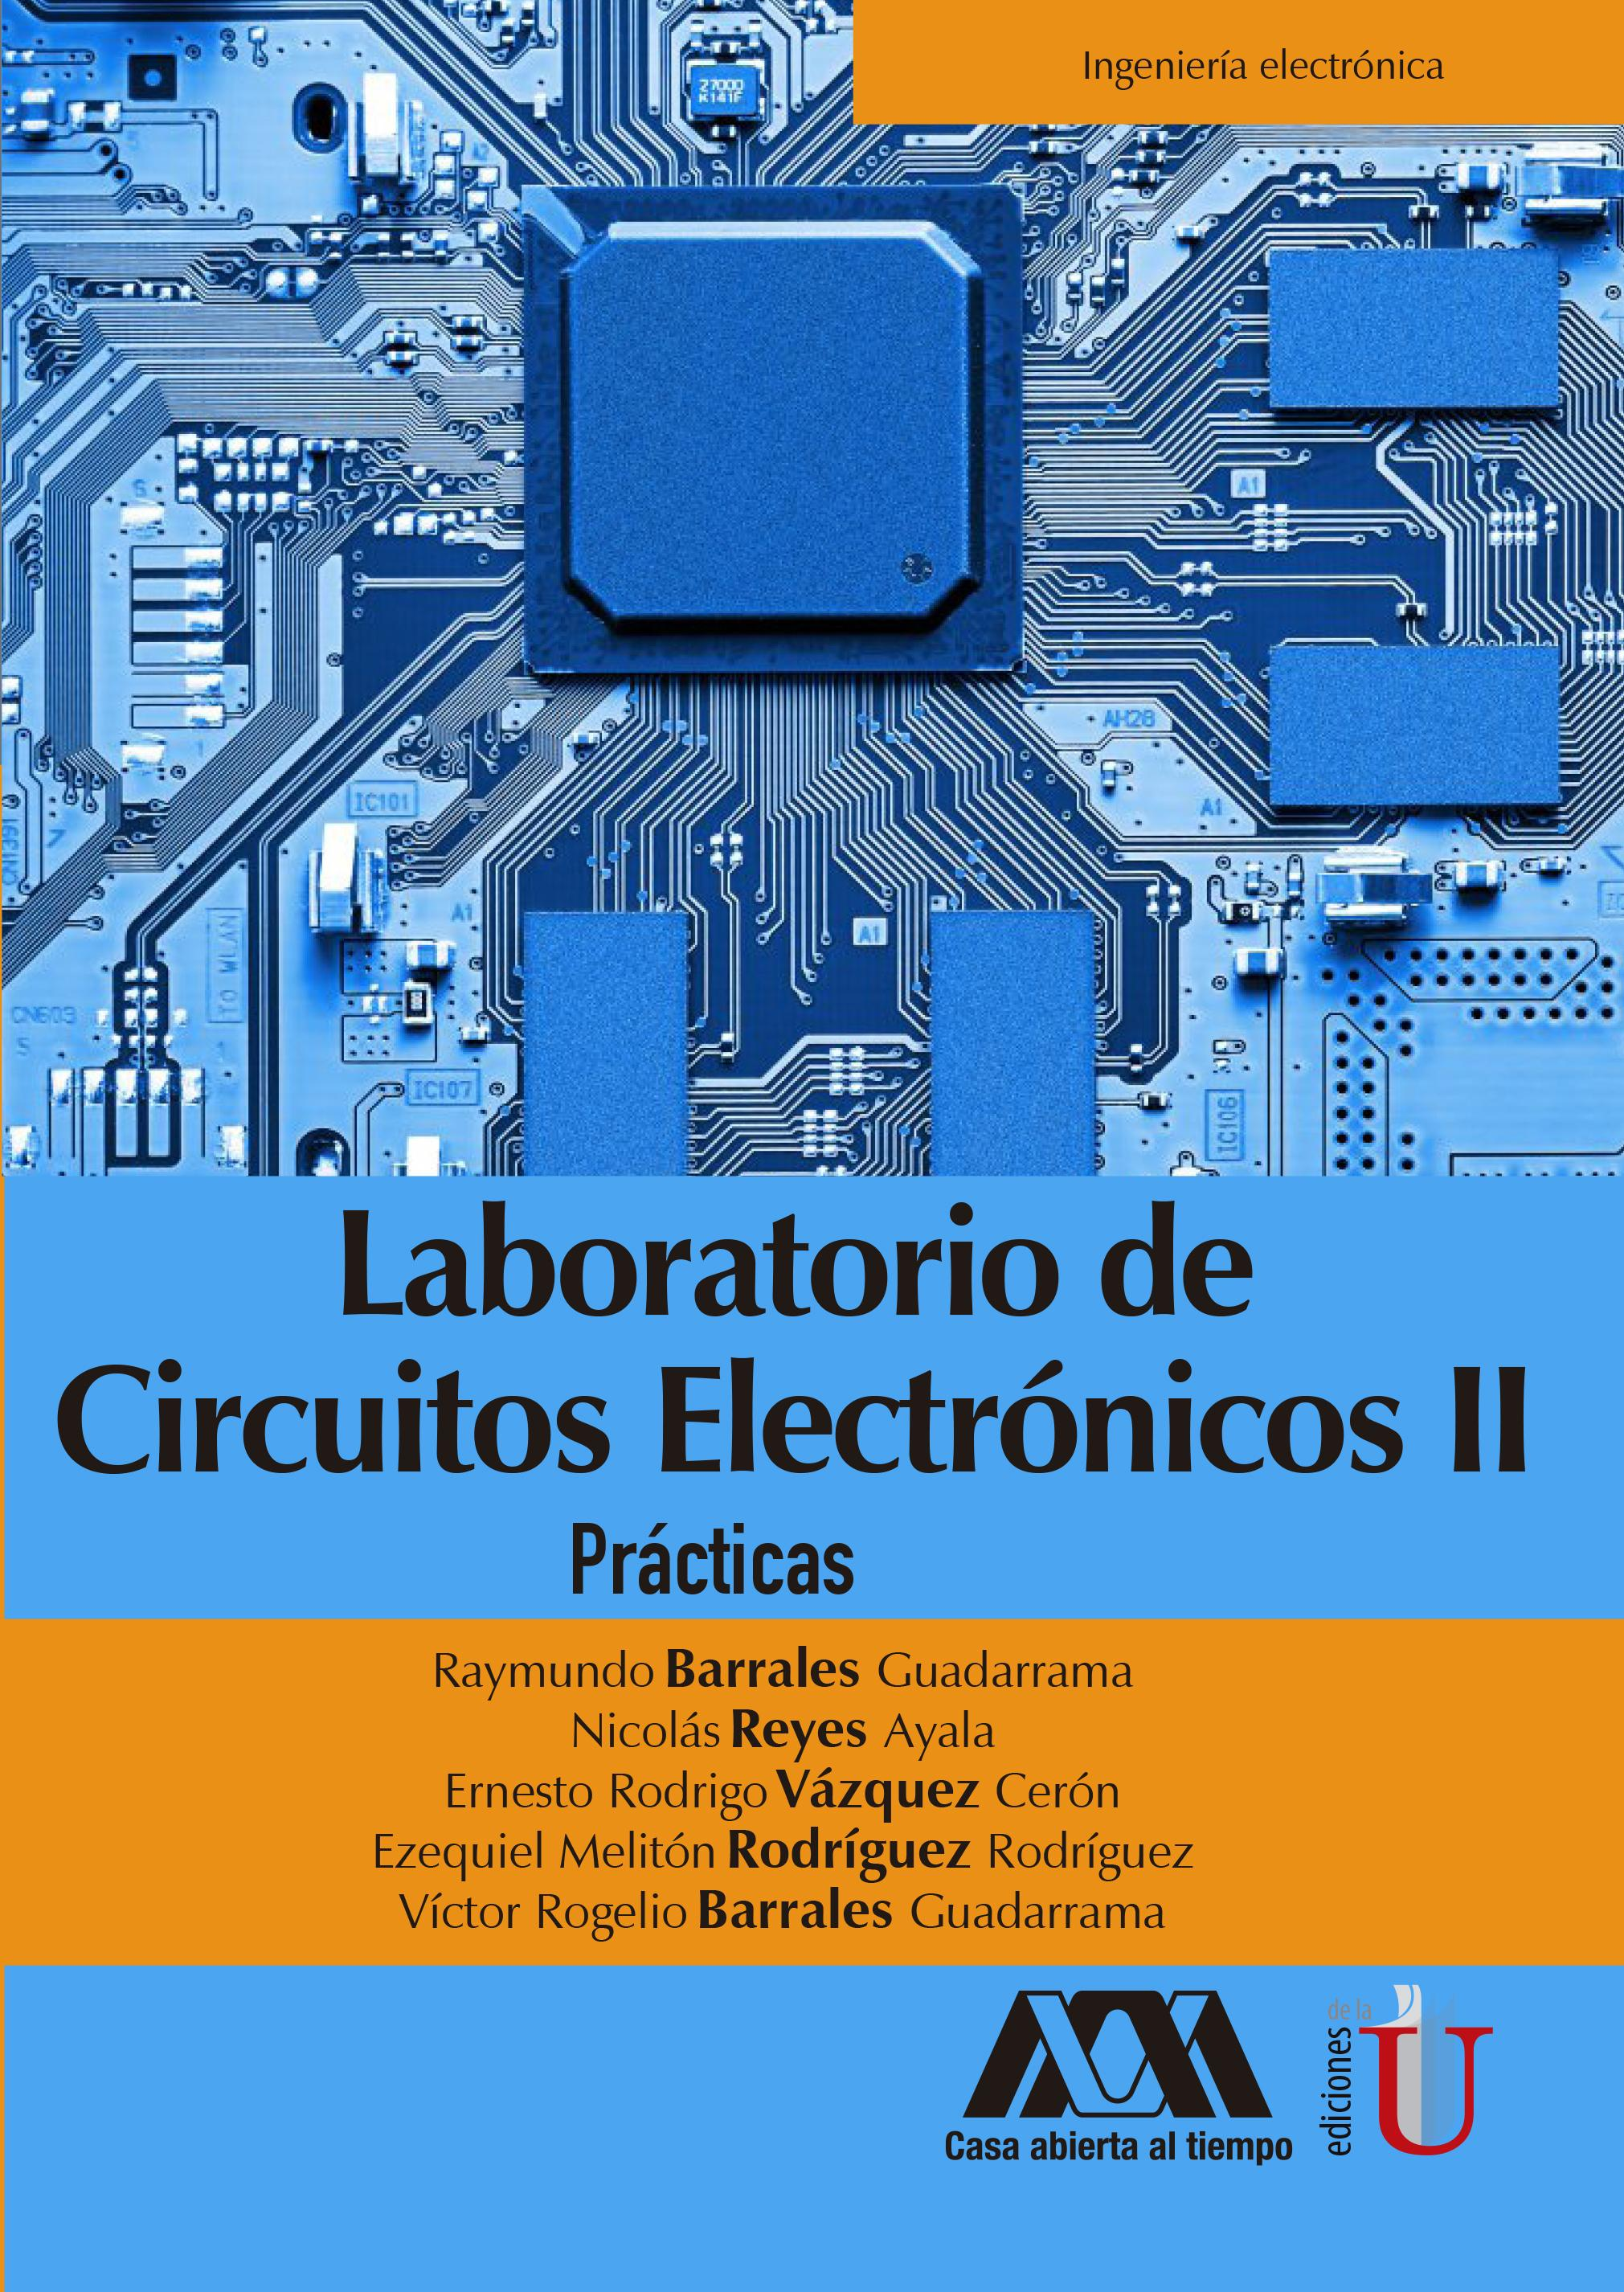 Circuito De Electronica : Laboratorio de circuitos electrónicos ii practicas ediciones de